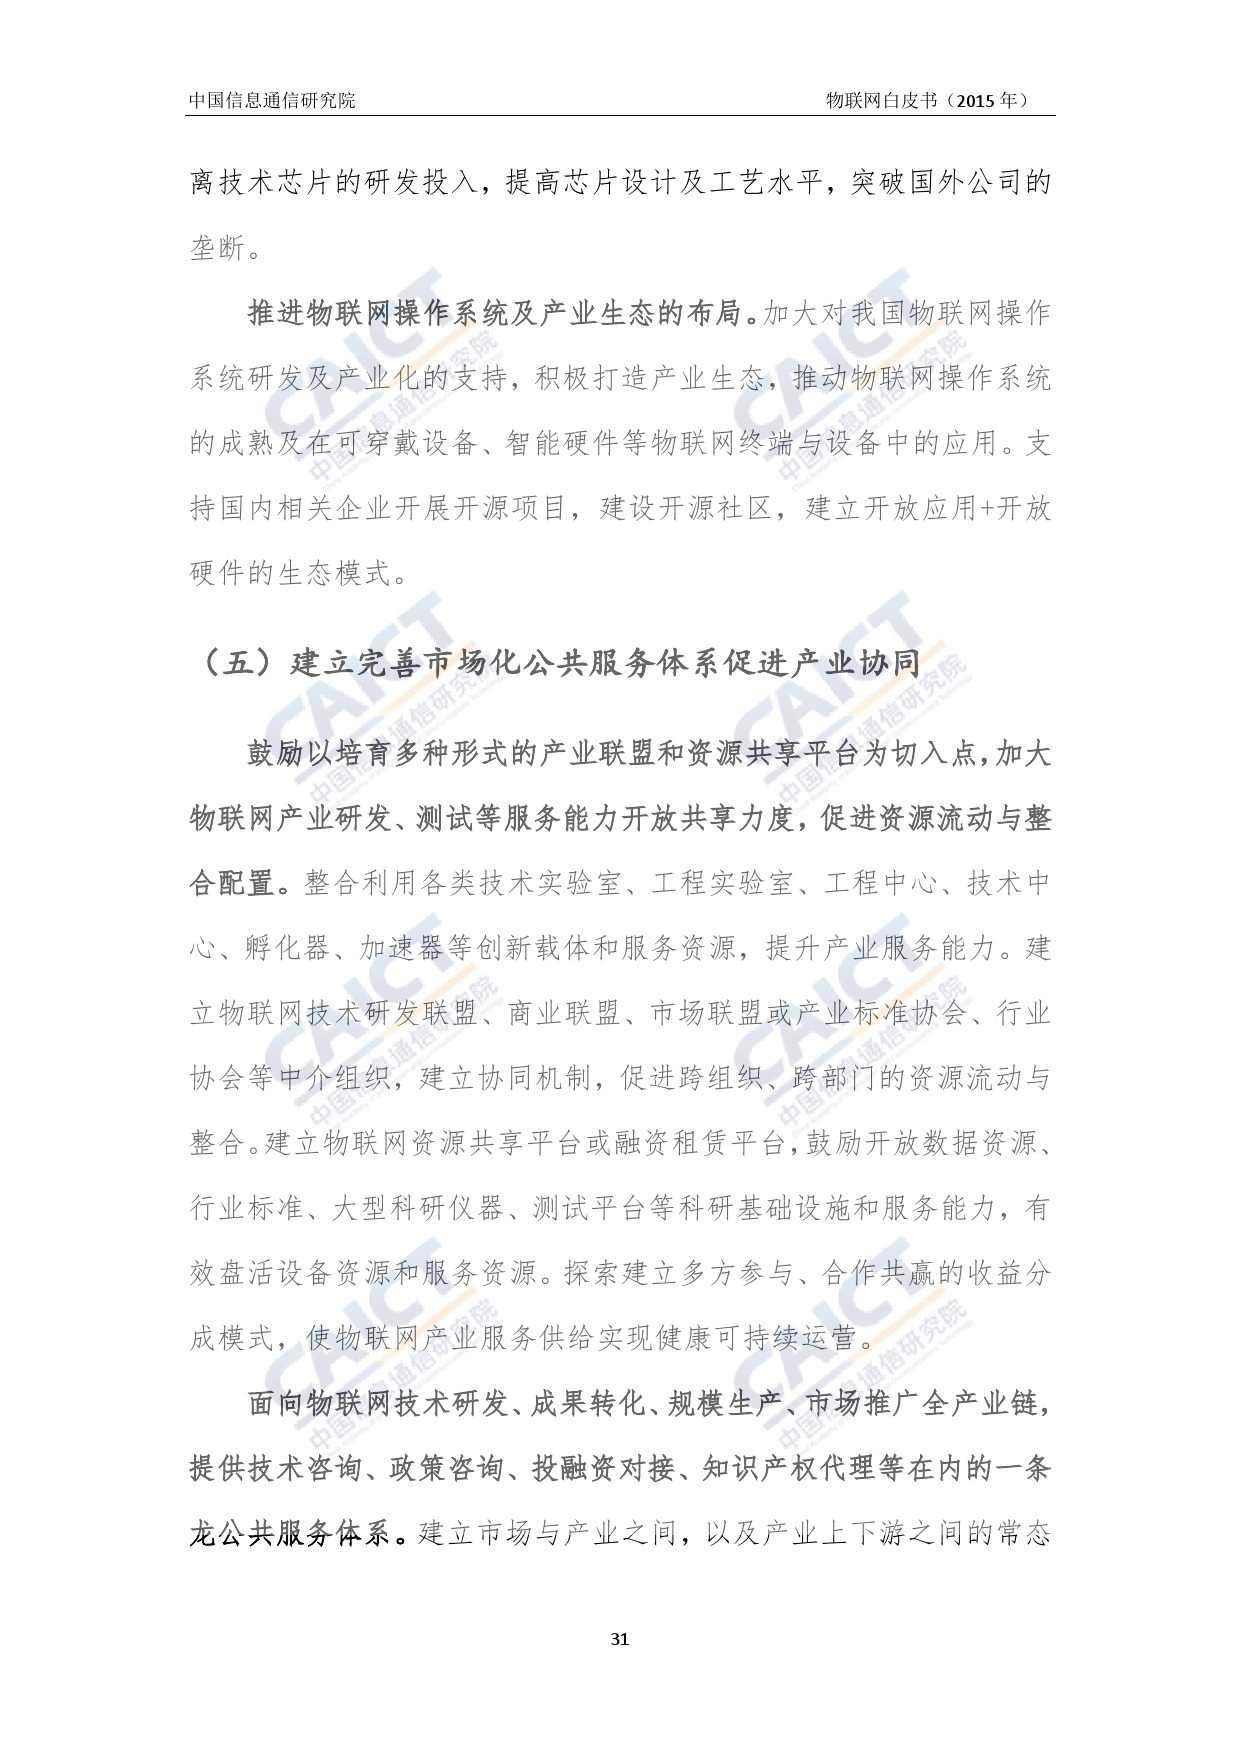 中国信息通信研究院:2015年物联网白皮书_000035